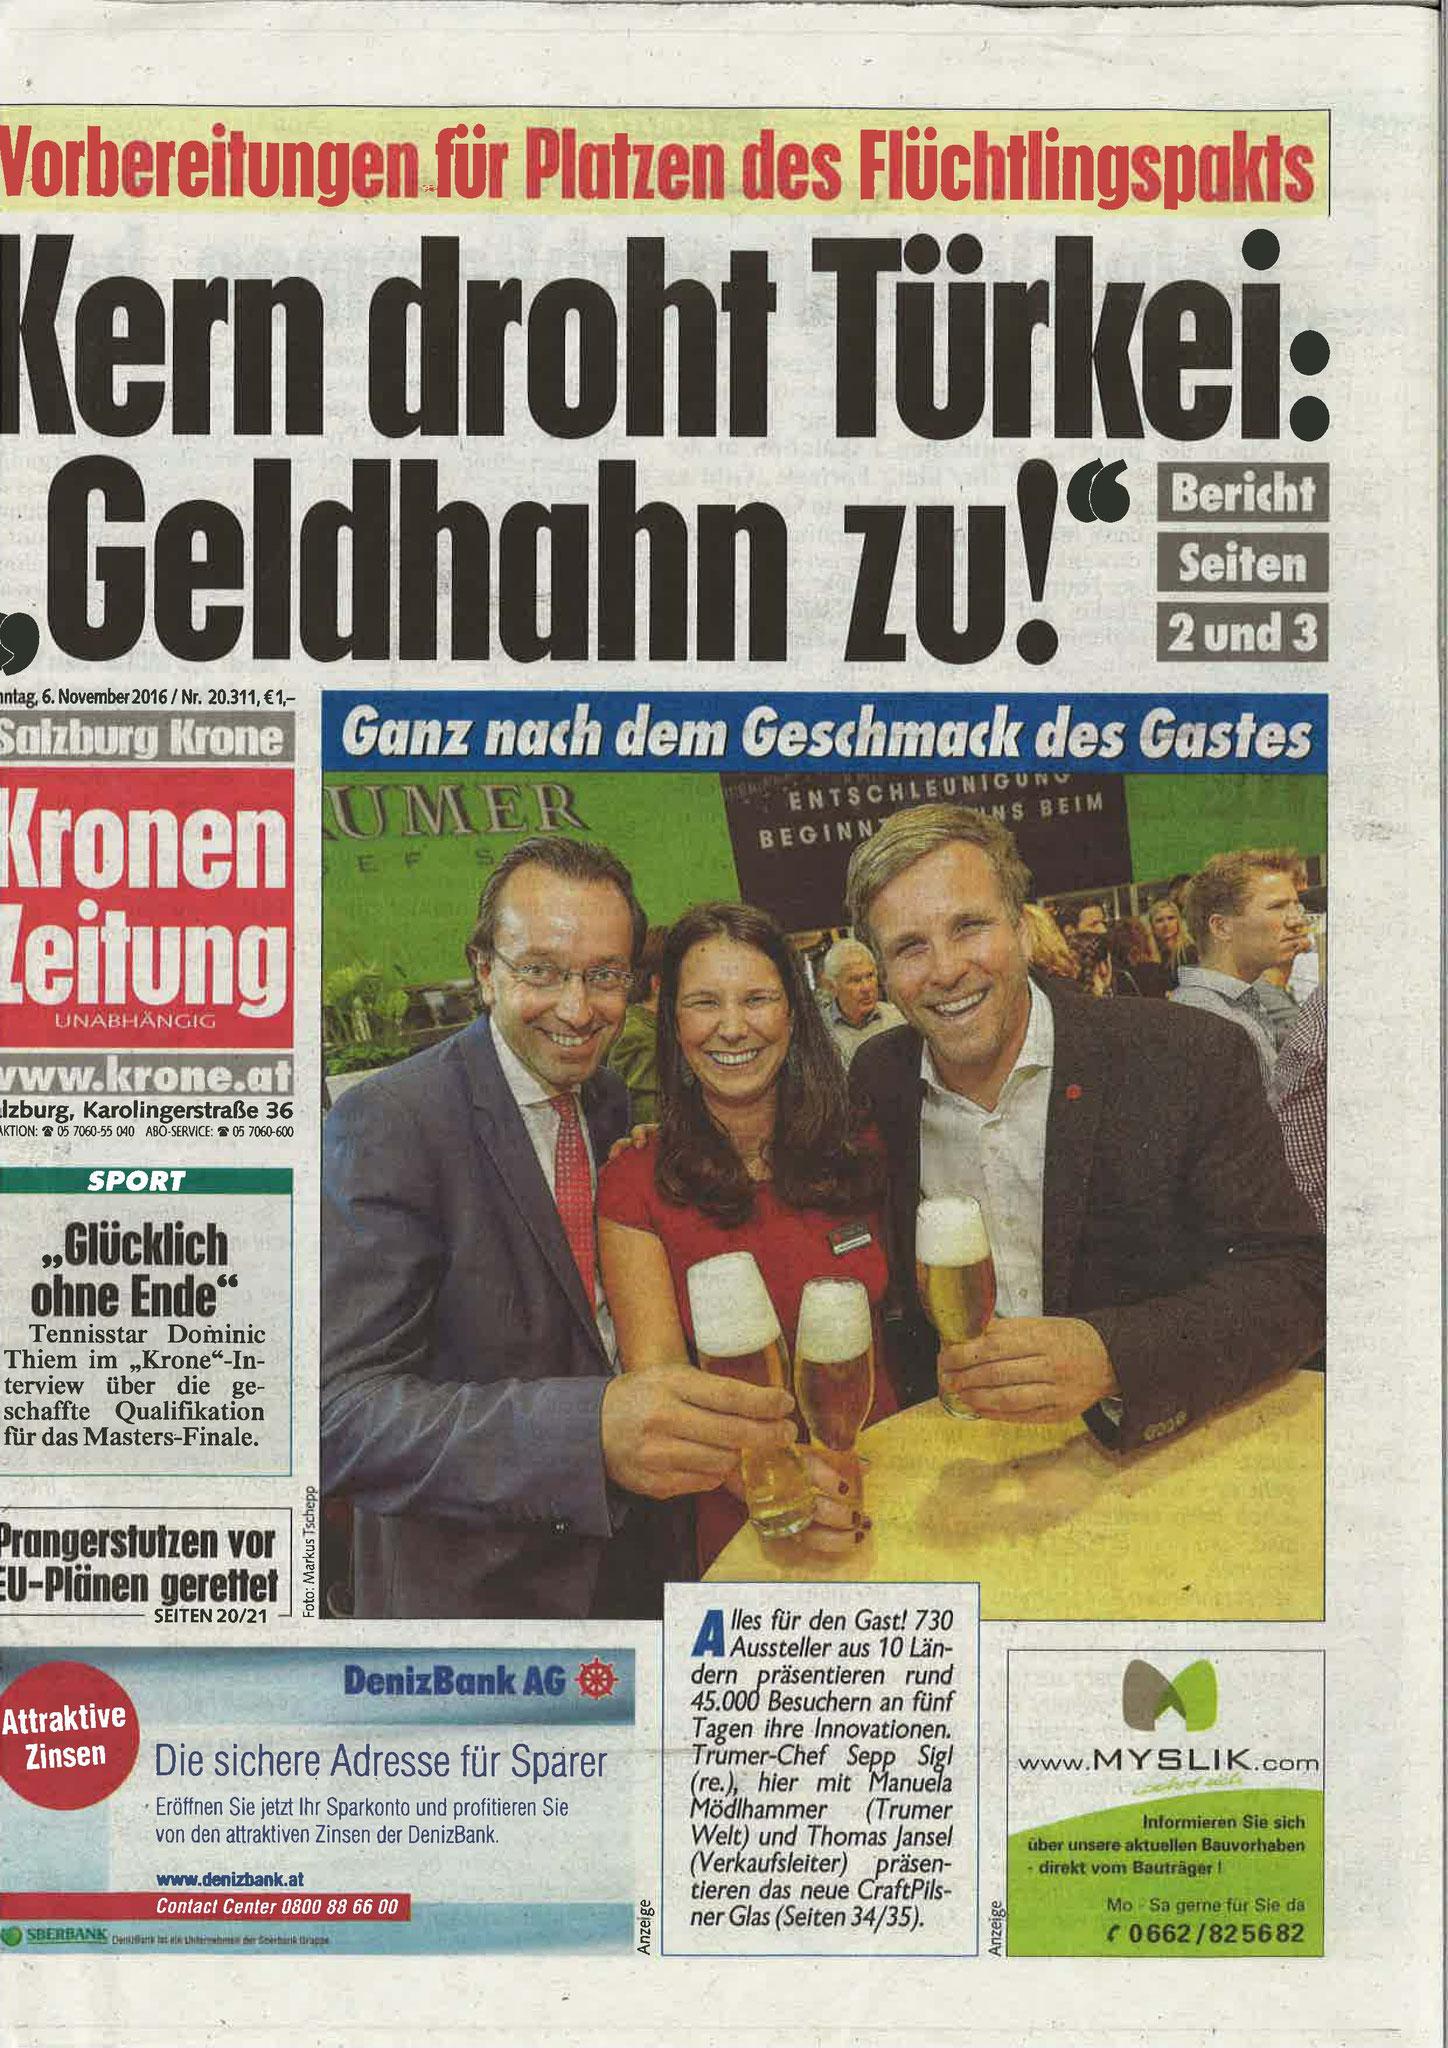 Kronen Zeitung Salzburg, 6. November 2016